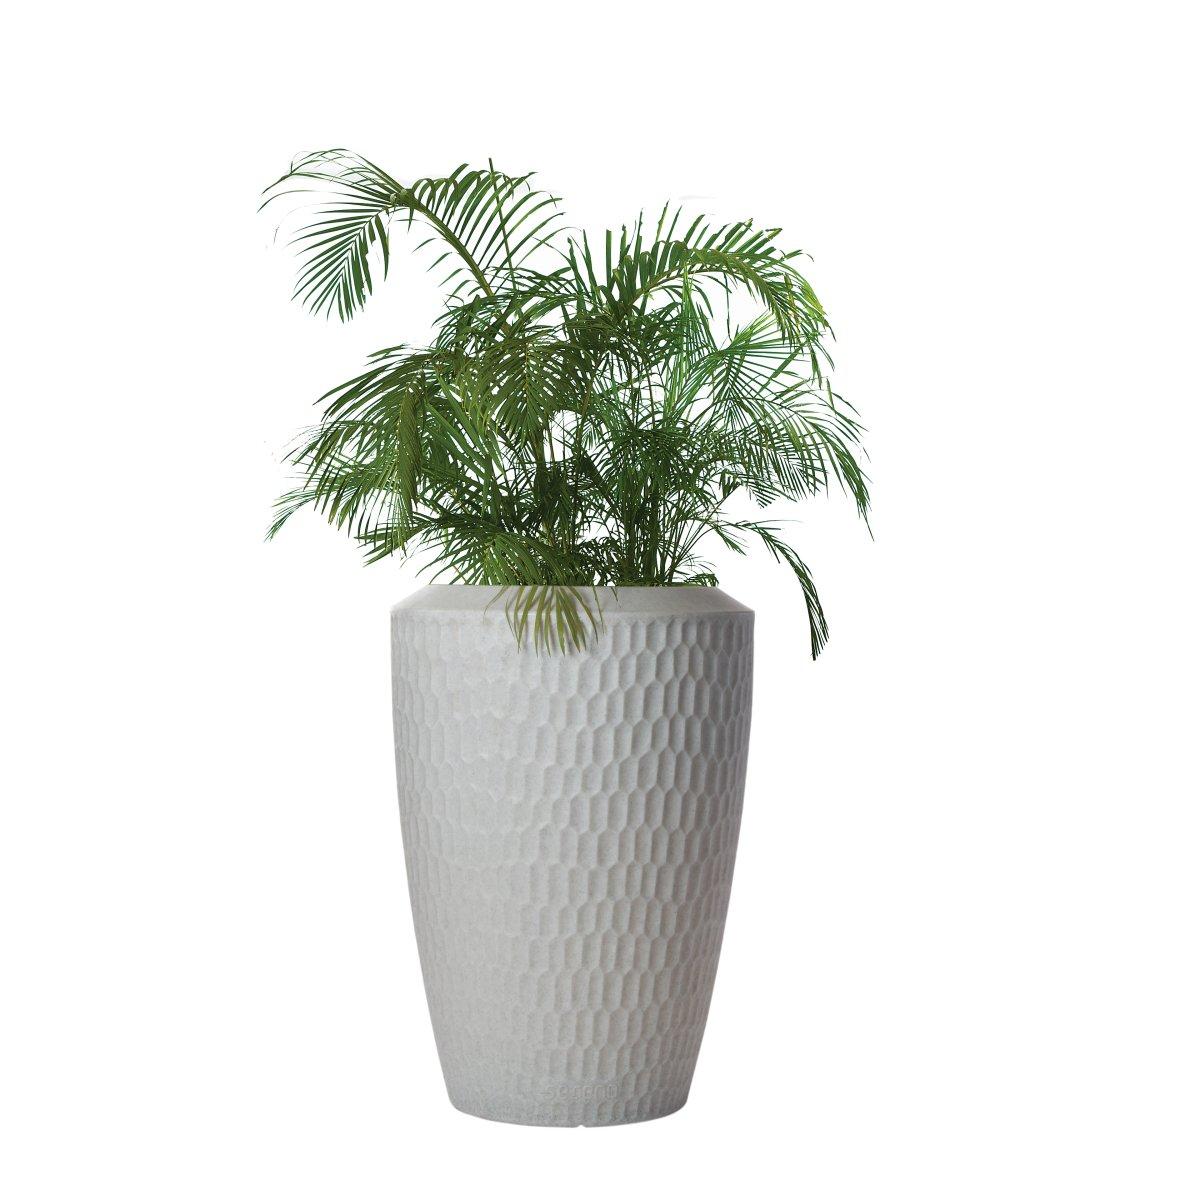 SERENO Pflanzgefäß beleuchtet granit weiß mit Bepflanzung